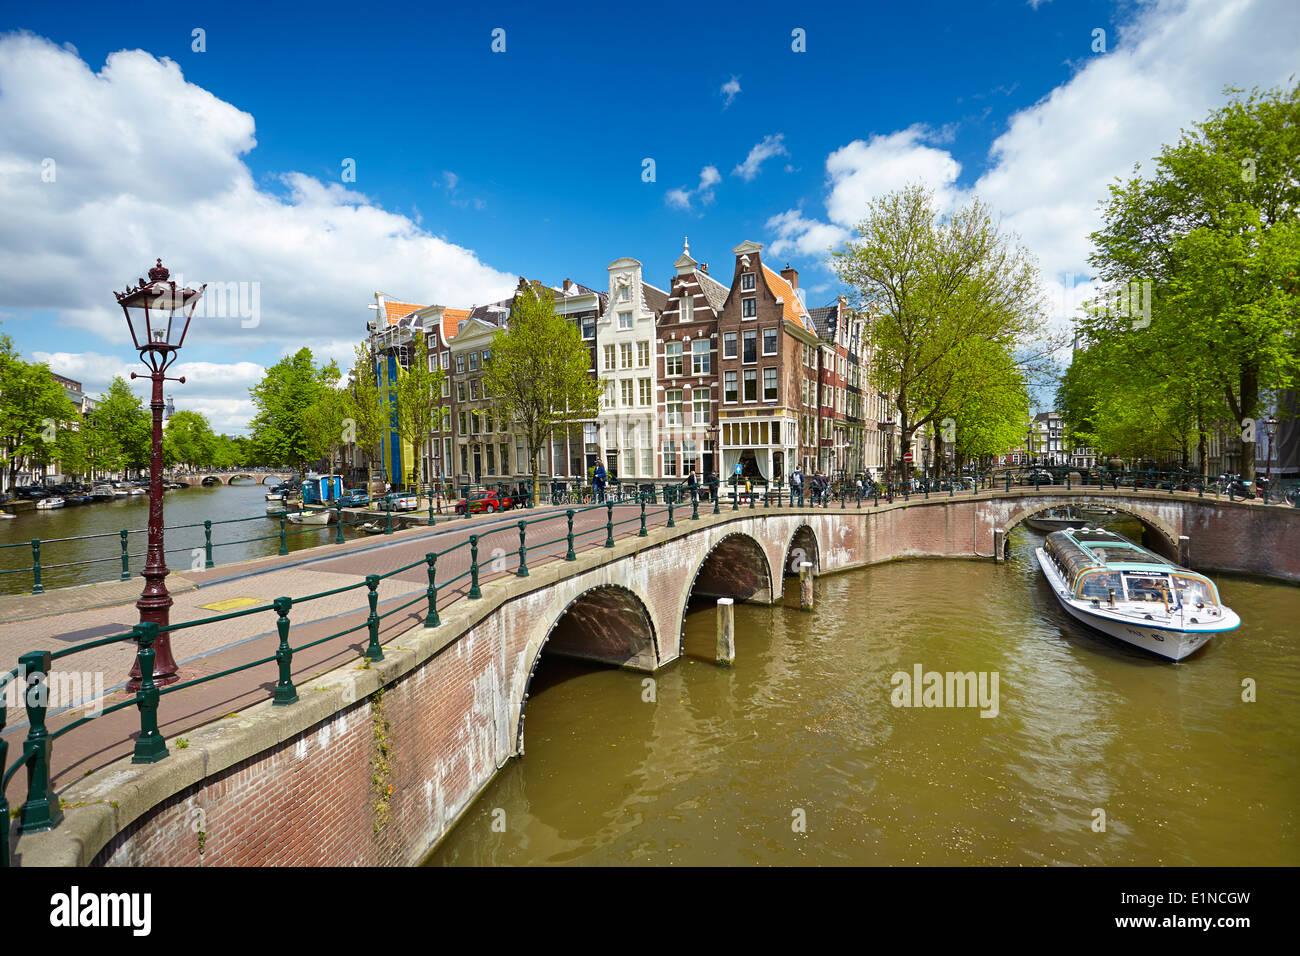 Canale di Amsterdam - Olanda Paesi Bassi Immagini Stock